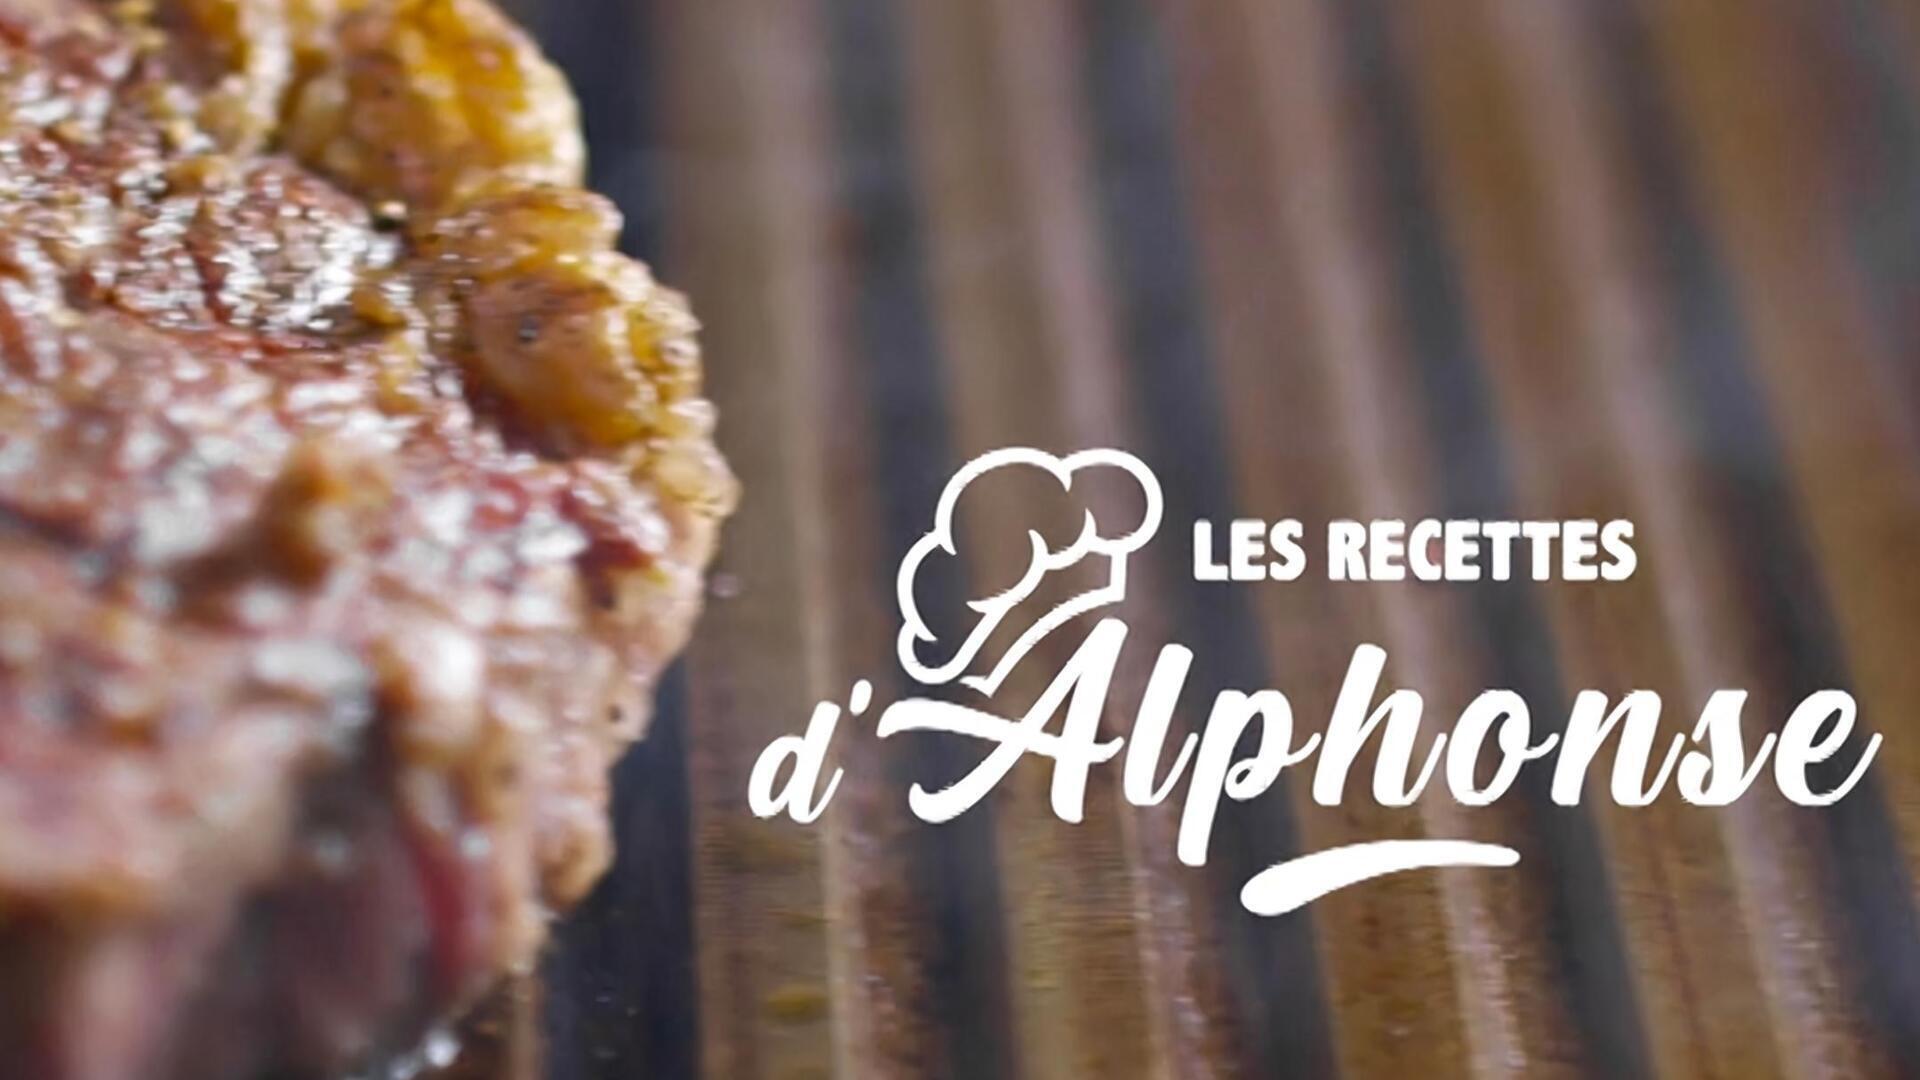 Recettes d'Alphonse : Chèvres aux haricots blancs